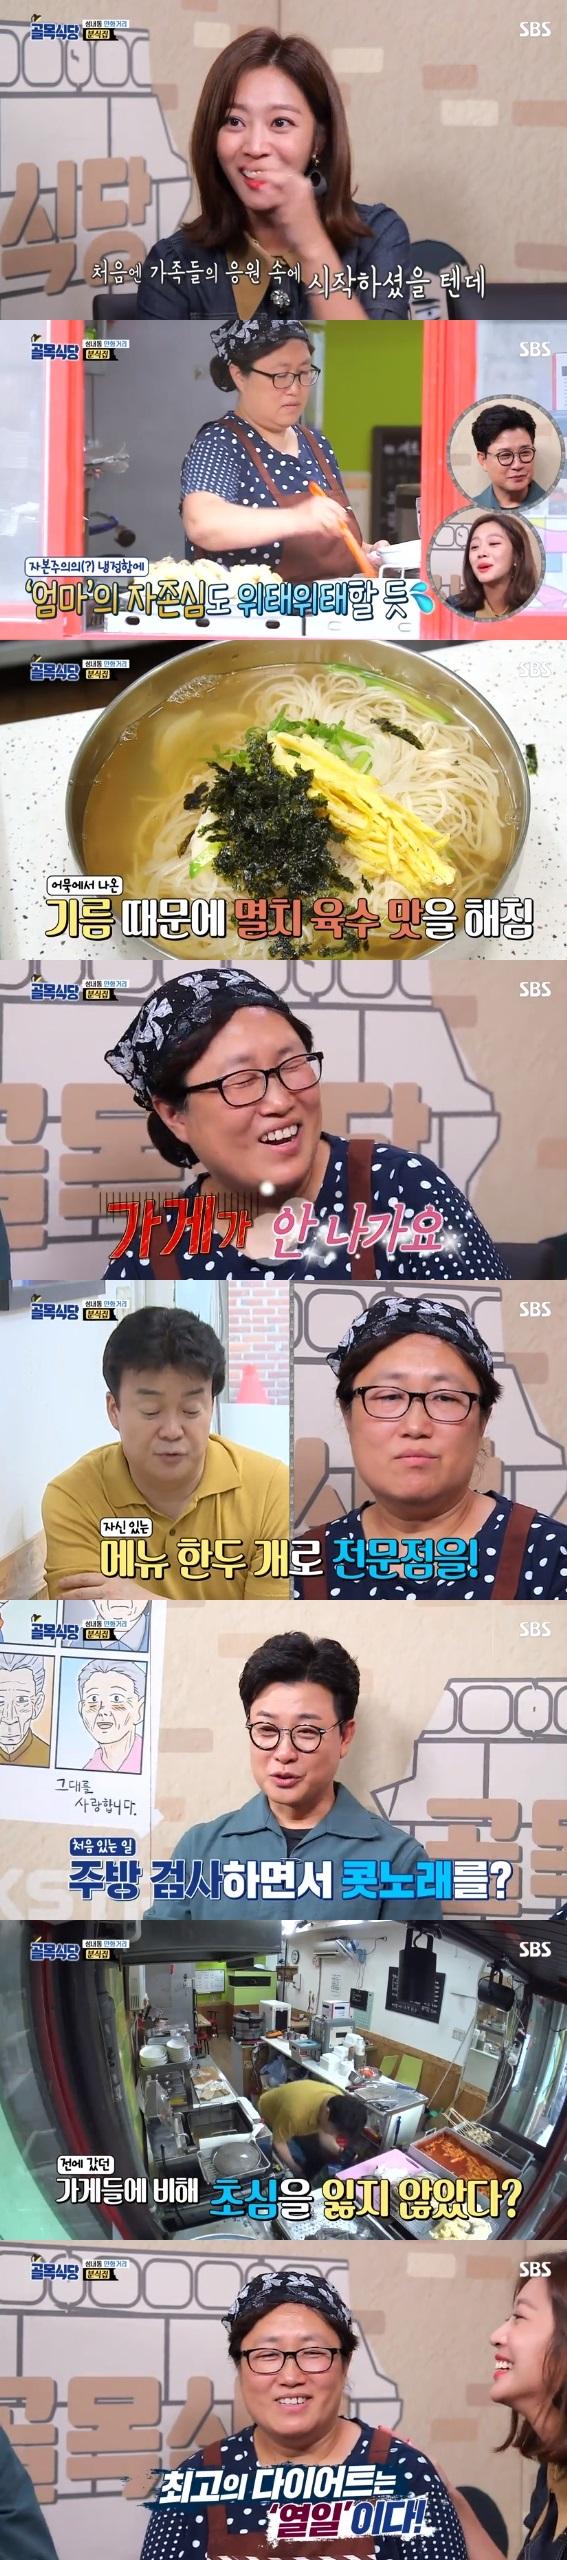 [엑's 리뷰] 논란 벗고 초심 찾은 '골목식당', 공감대 형성 성공